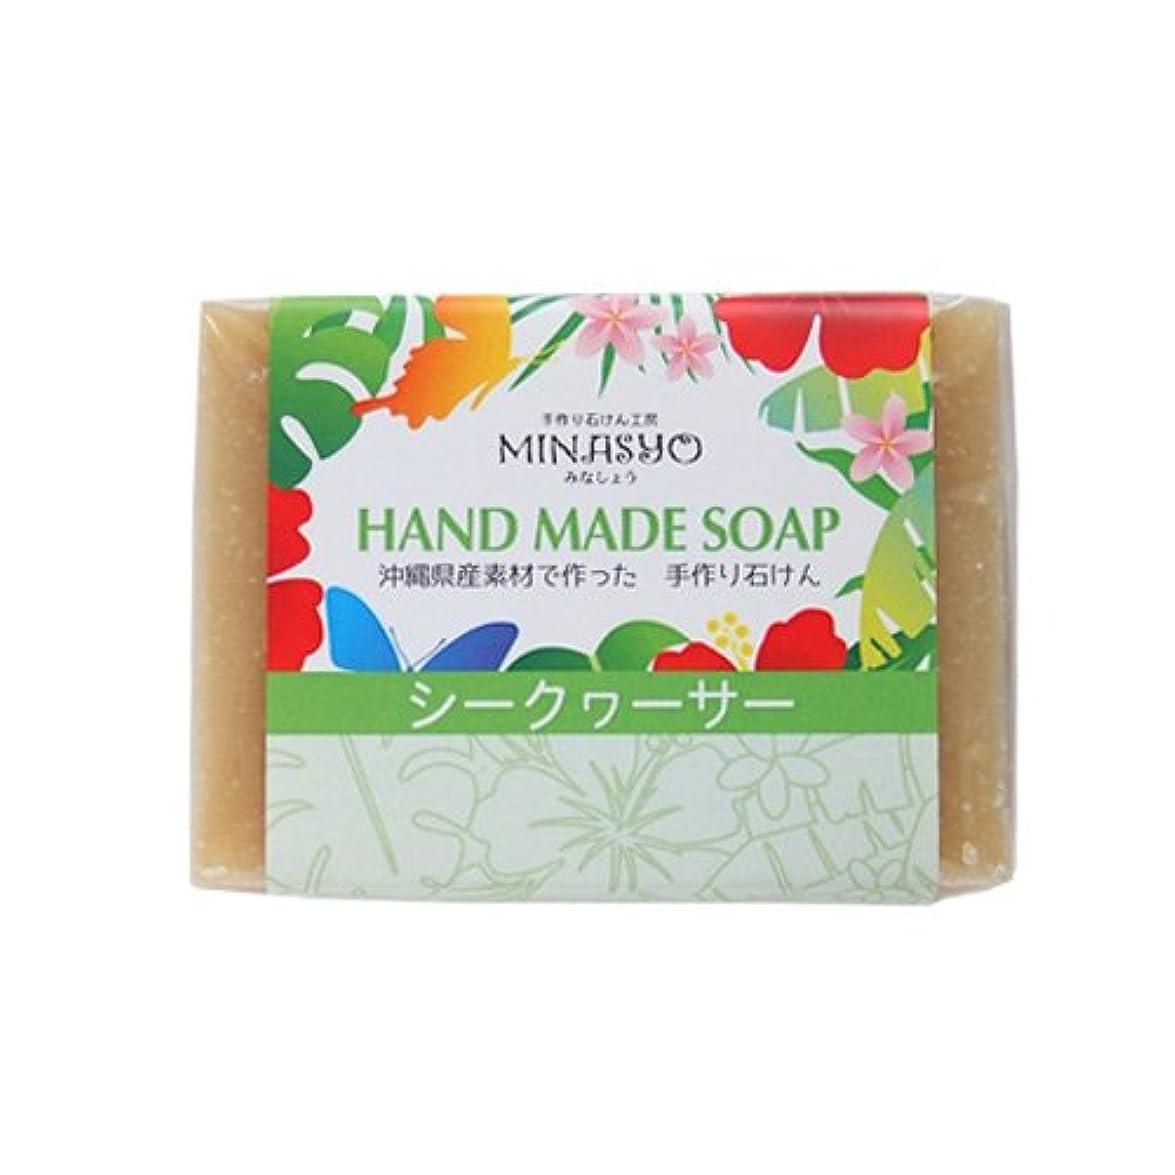 団結する少なくともセージ洗顔石鹸 無添加 固形ハンドソープ ボディソープ 手作りシークワーサー石鹸